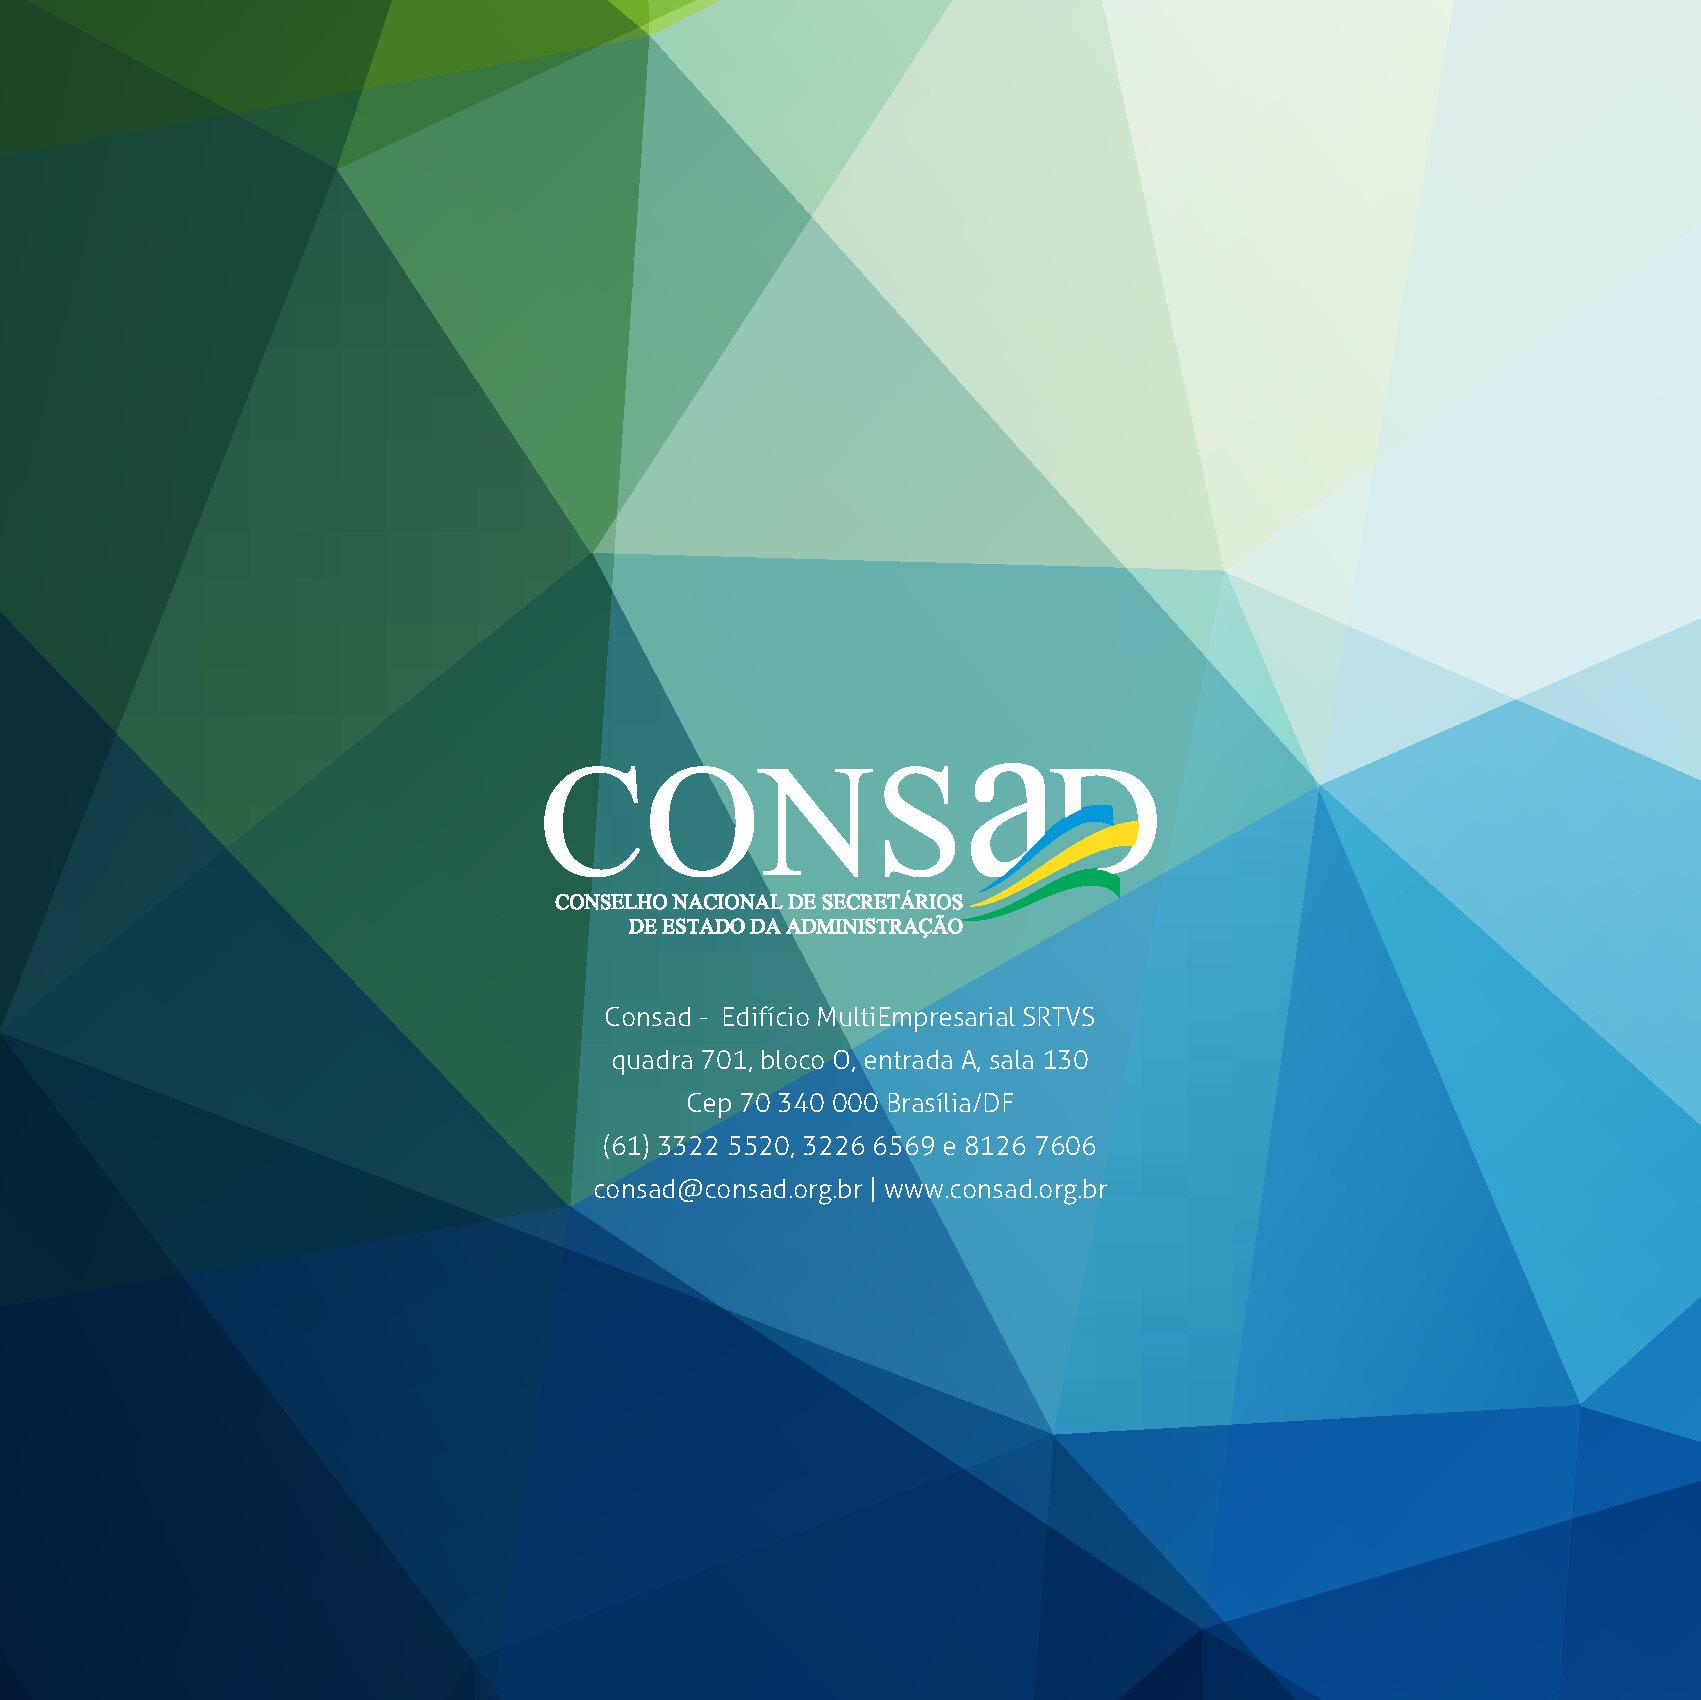 VIII Congresso Consad - Caderno Patrocinio V7_Page_20